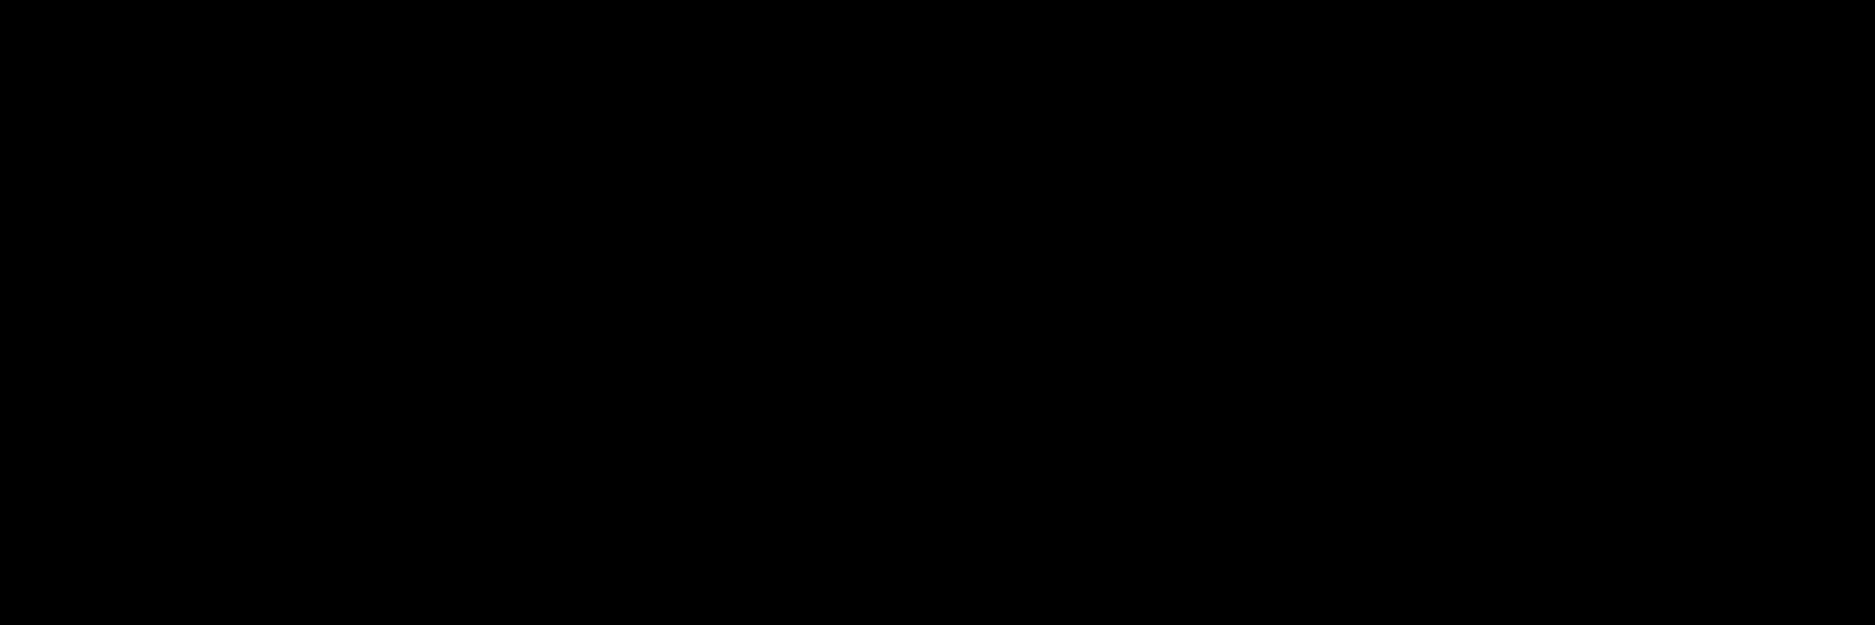 mensit